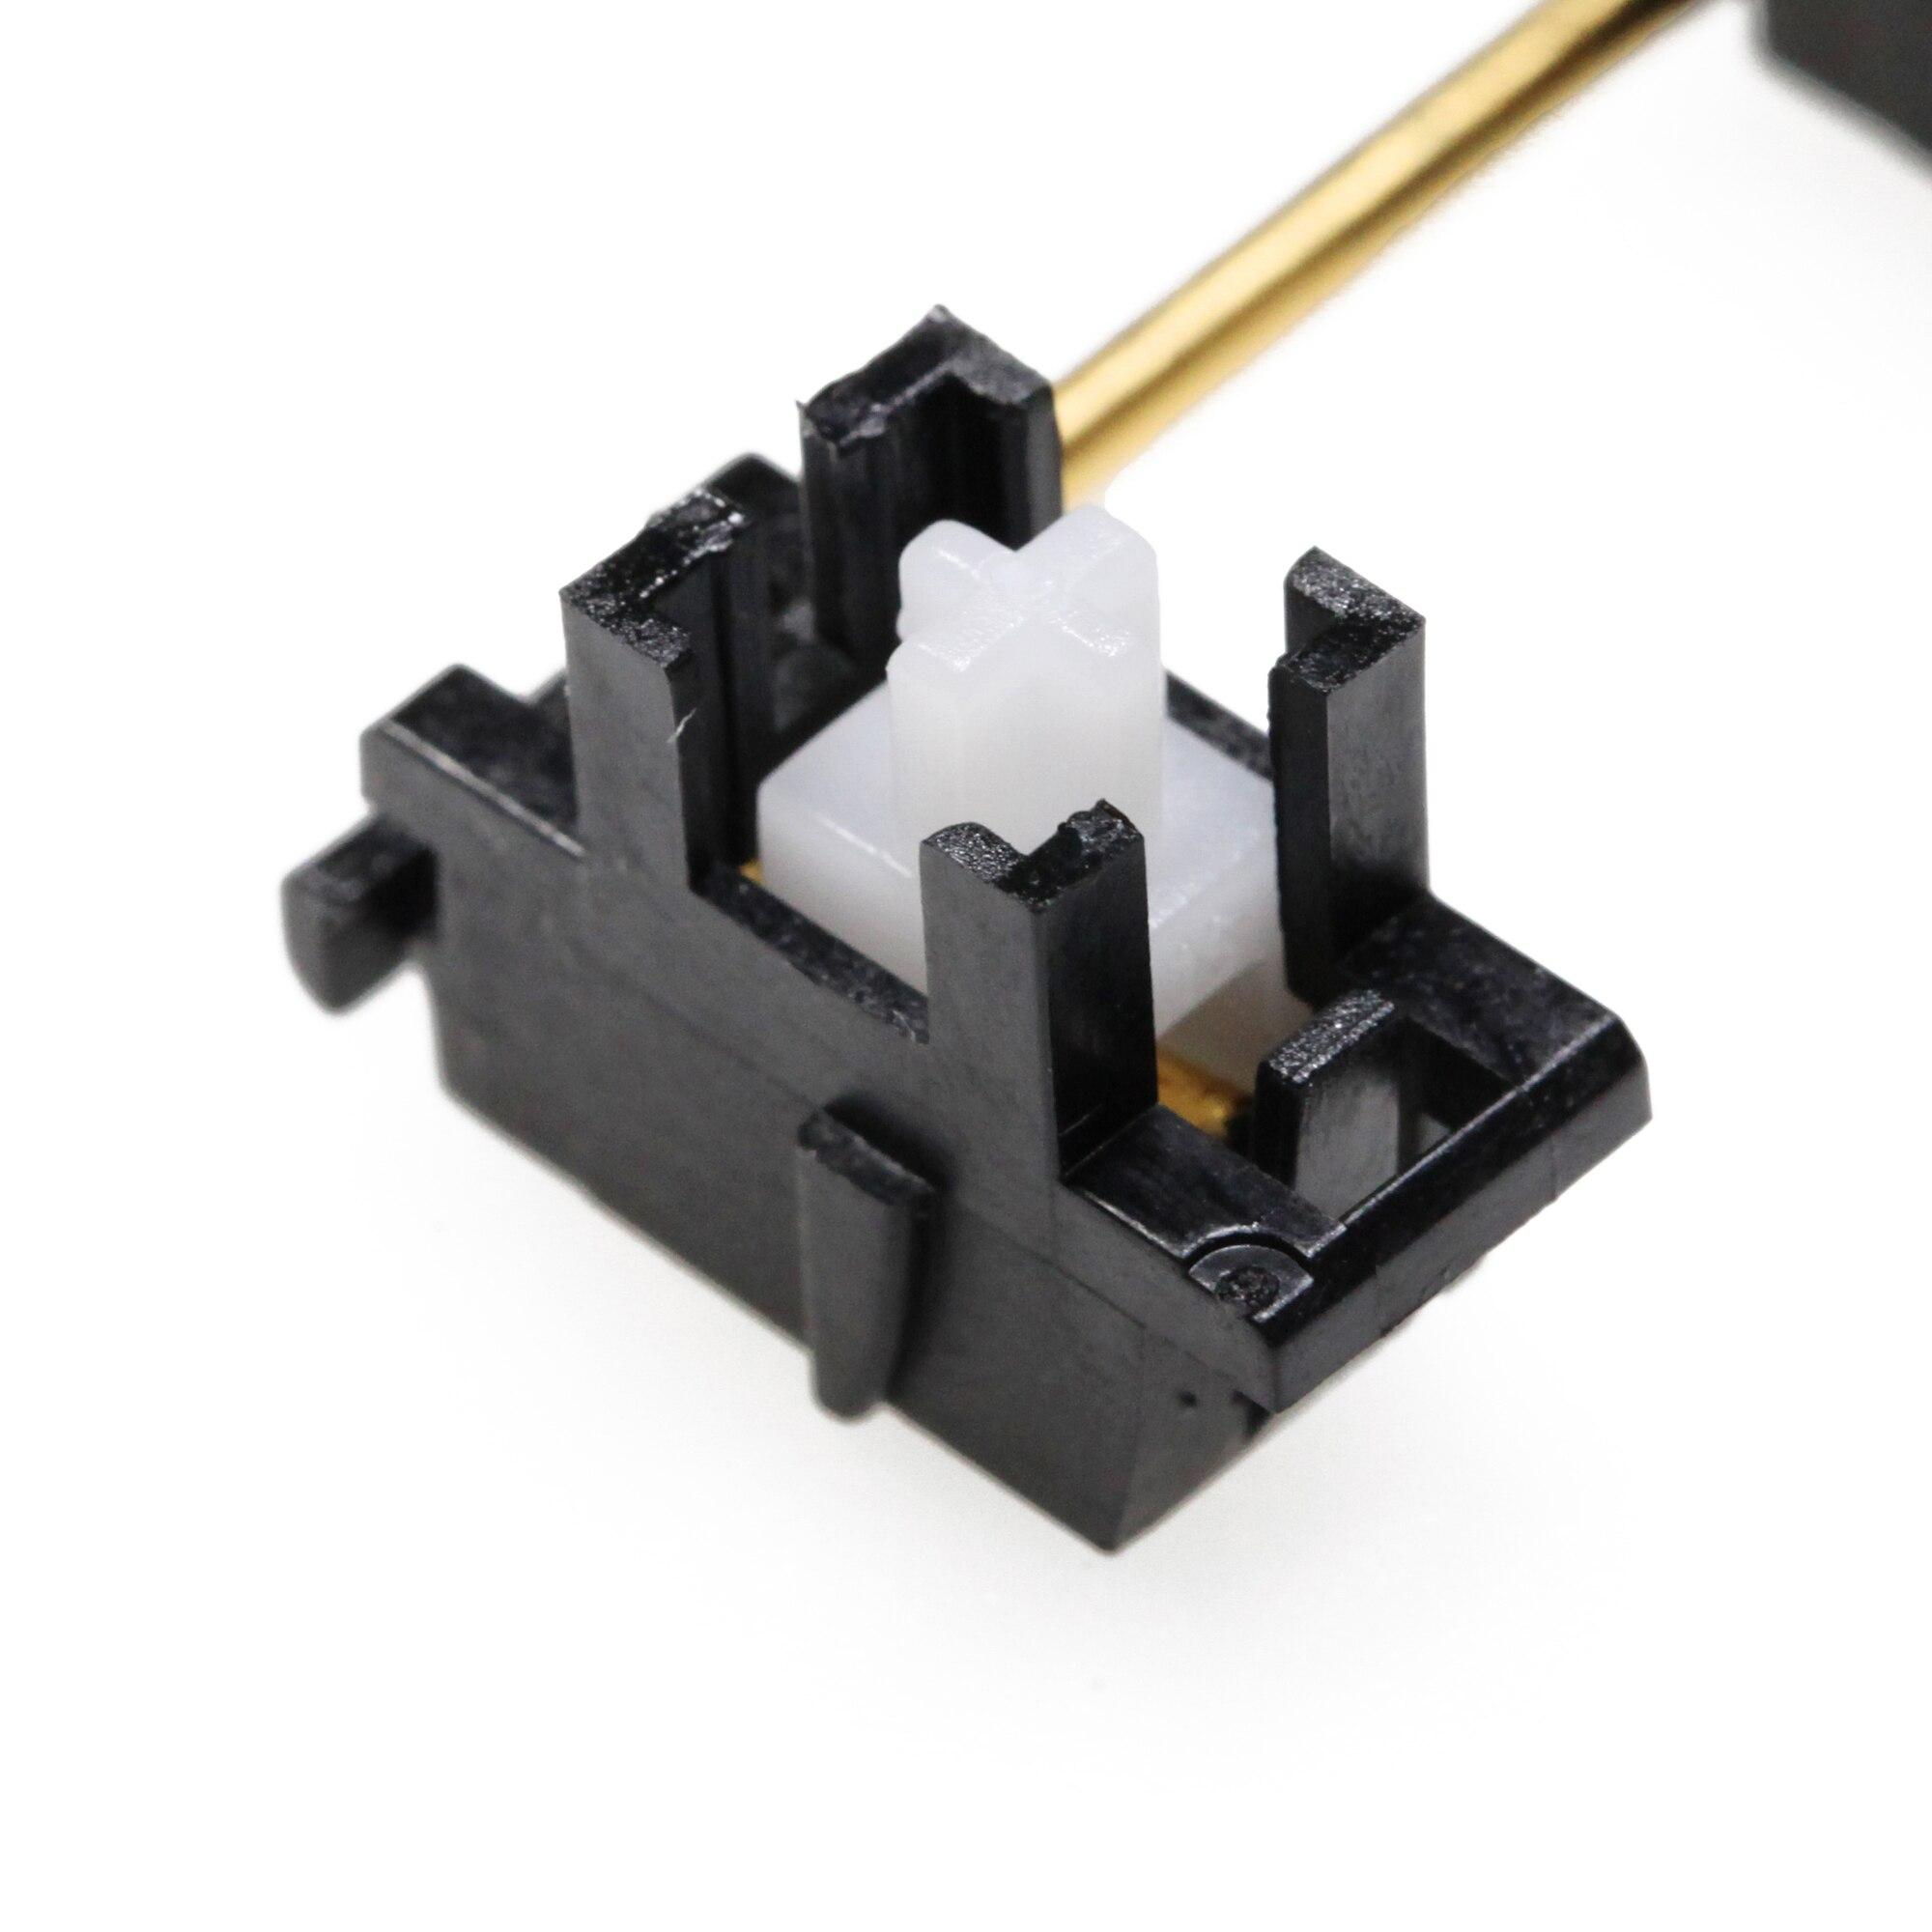 Everglide Panda siyah beyaz altın kaplama plakalı sabitleyici özel mekanik klavye plaka YC66 Zeeyoo 68 YC96 Womier